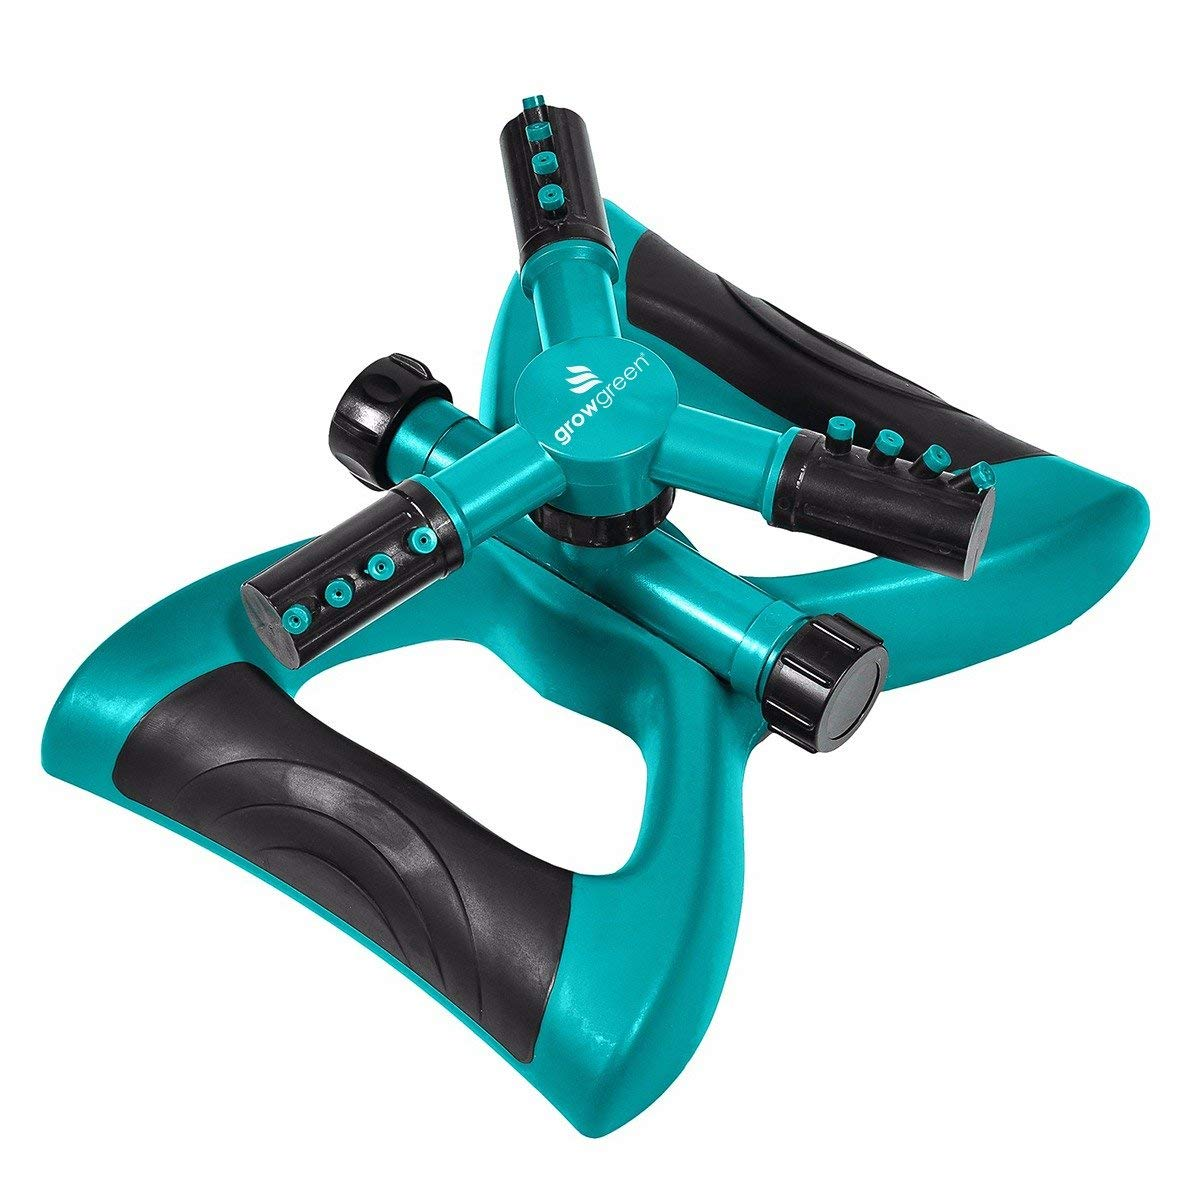 Best Lawn Sprinkler Head: Grow Green Rotating Sprinkler